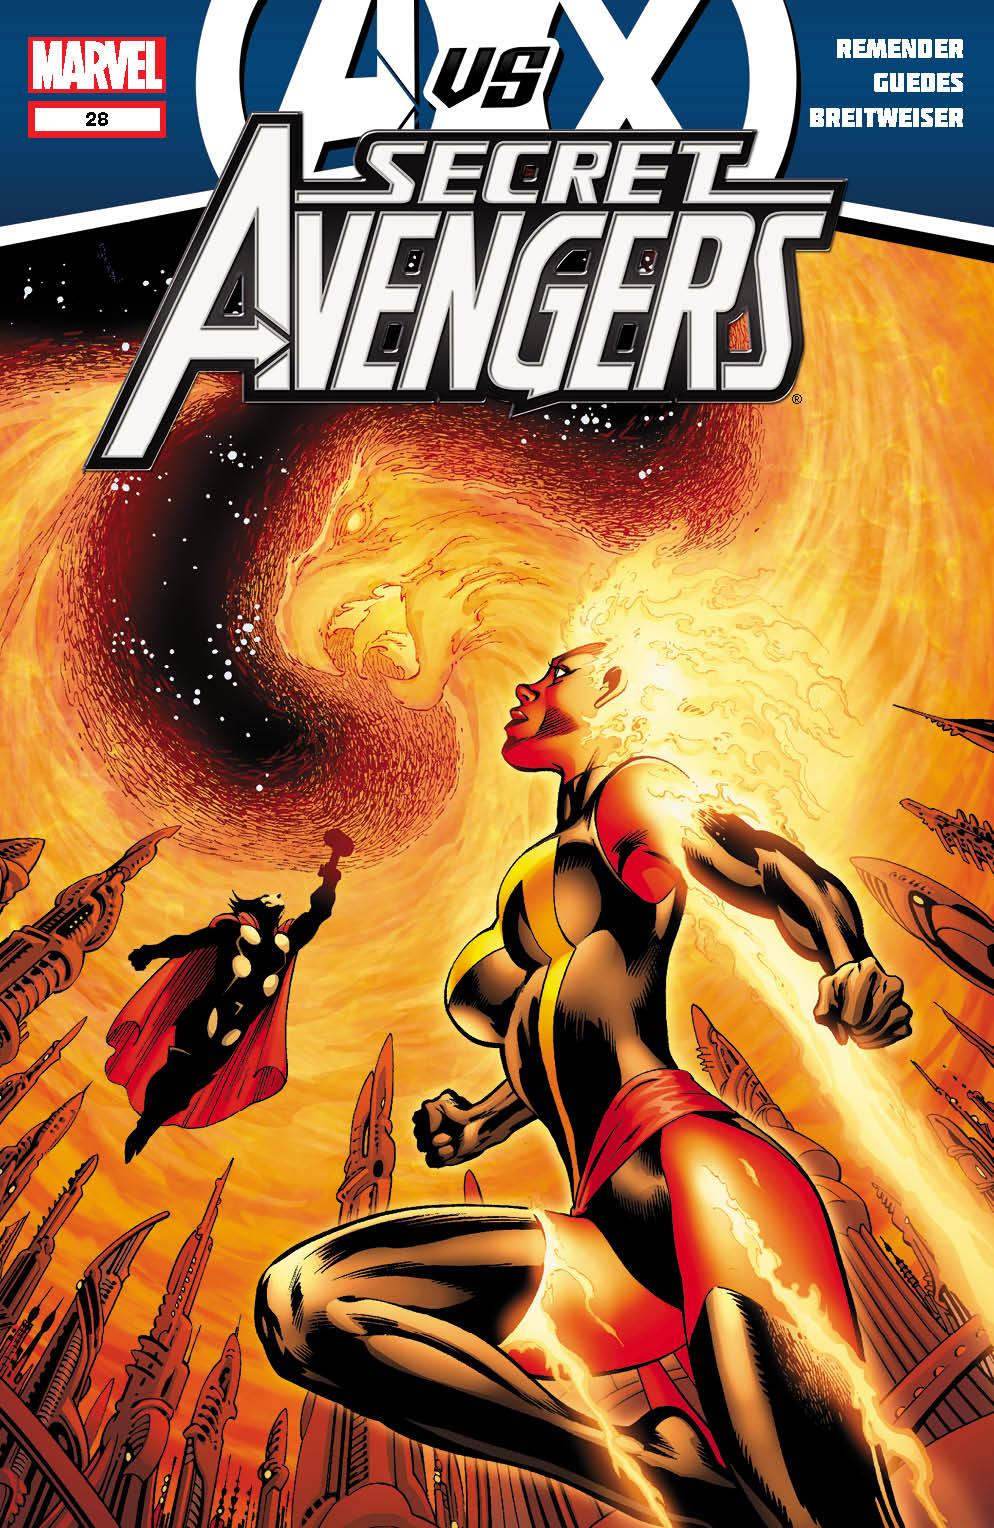 SecretAvengers_28_Cover Marvel reveals four new AVENGERS VS. X-MEN covers